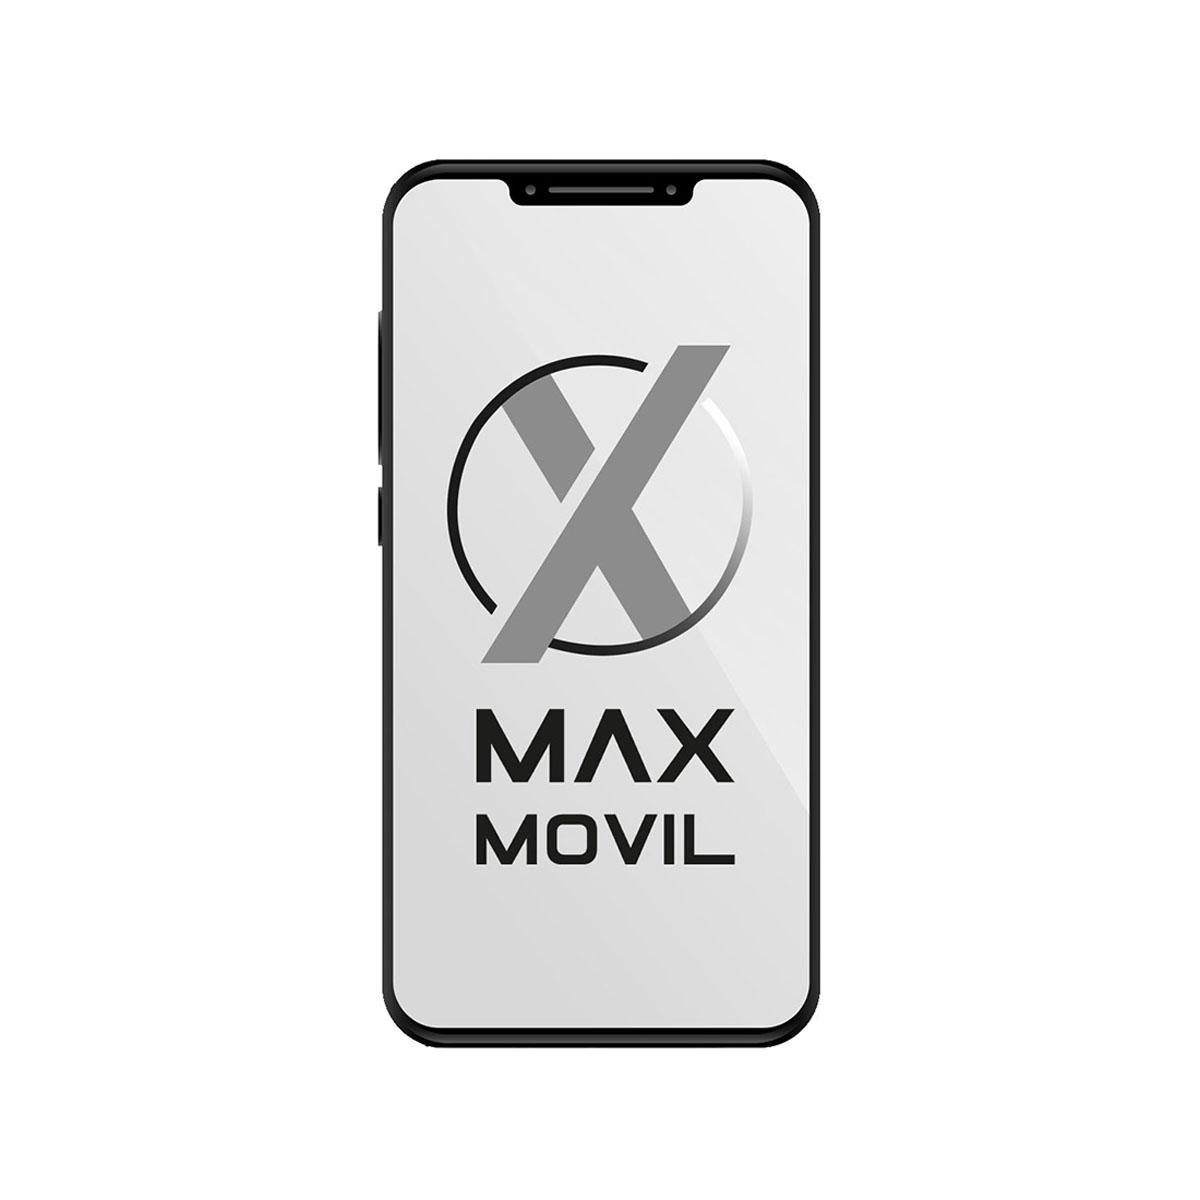 54176e8203e8 Reloj casio VCL-110C-7 LIQUIDACION Comprar Online Barato · MaxMovil ⓴⓳